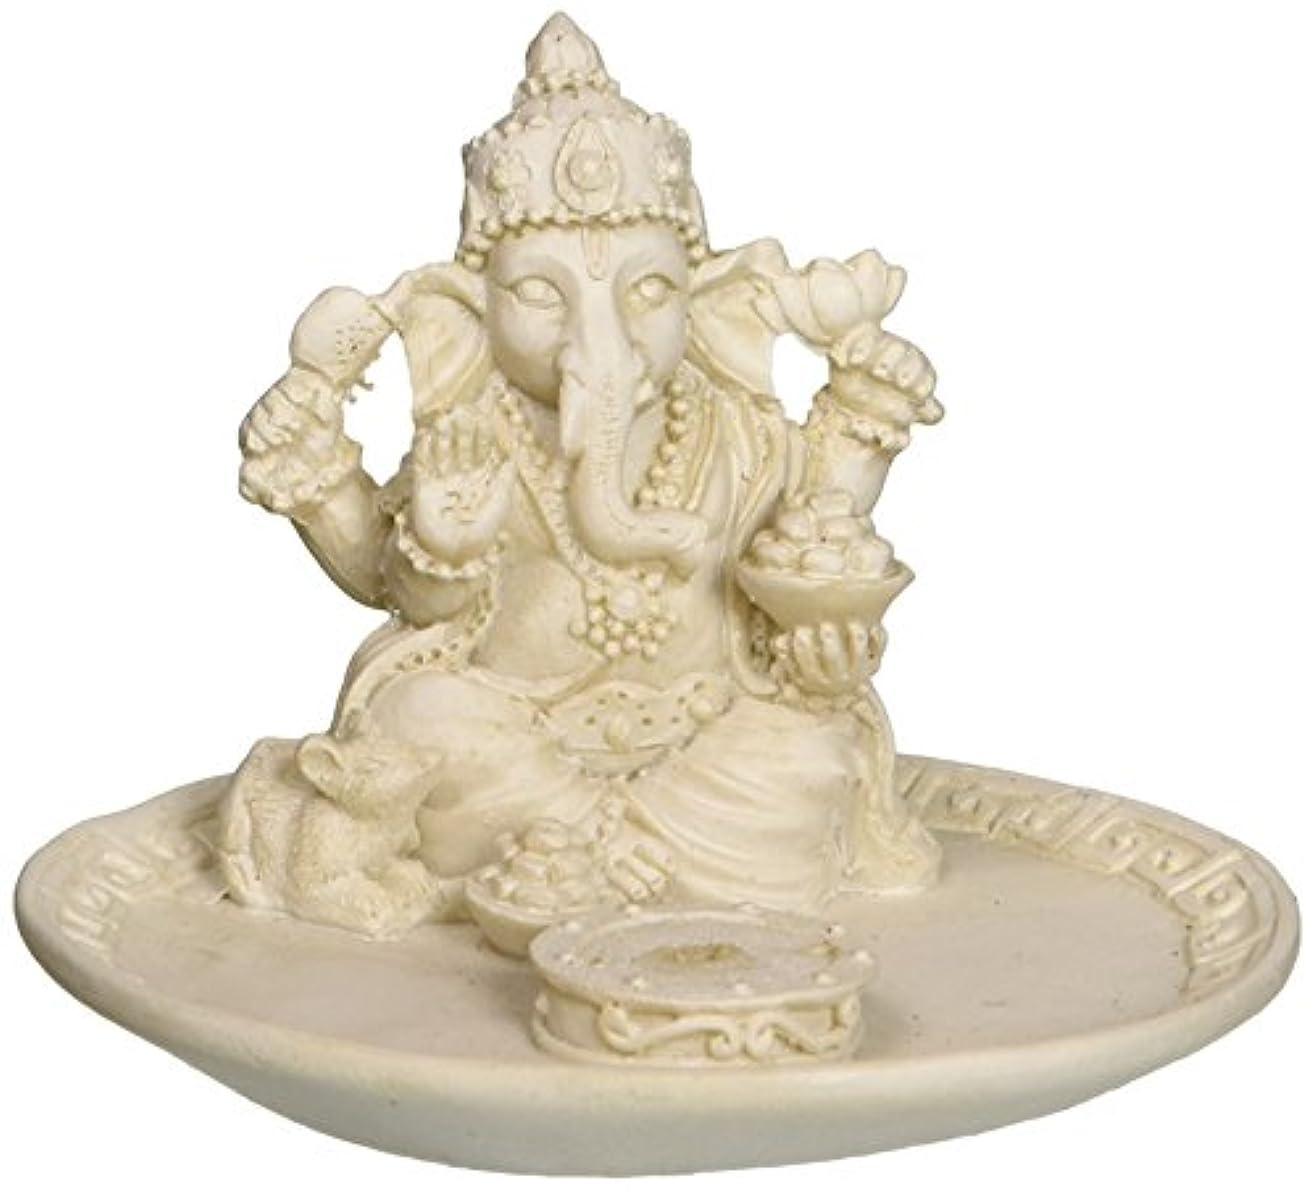 悲鳴自発灌漑White Beautiful Lord Ganesh Incense Sticks Holder - Ganesha, Laxmi, Shiva, Durga, Kali